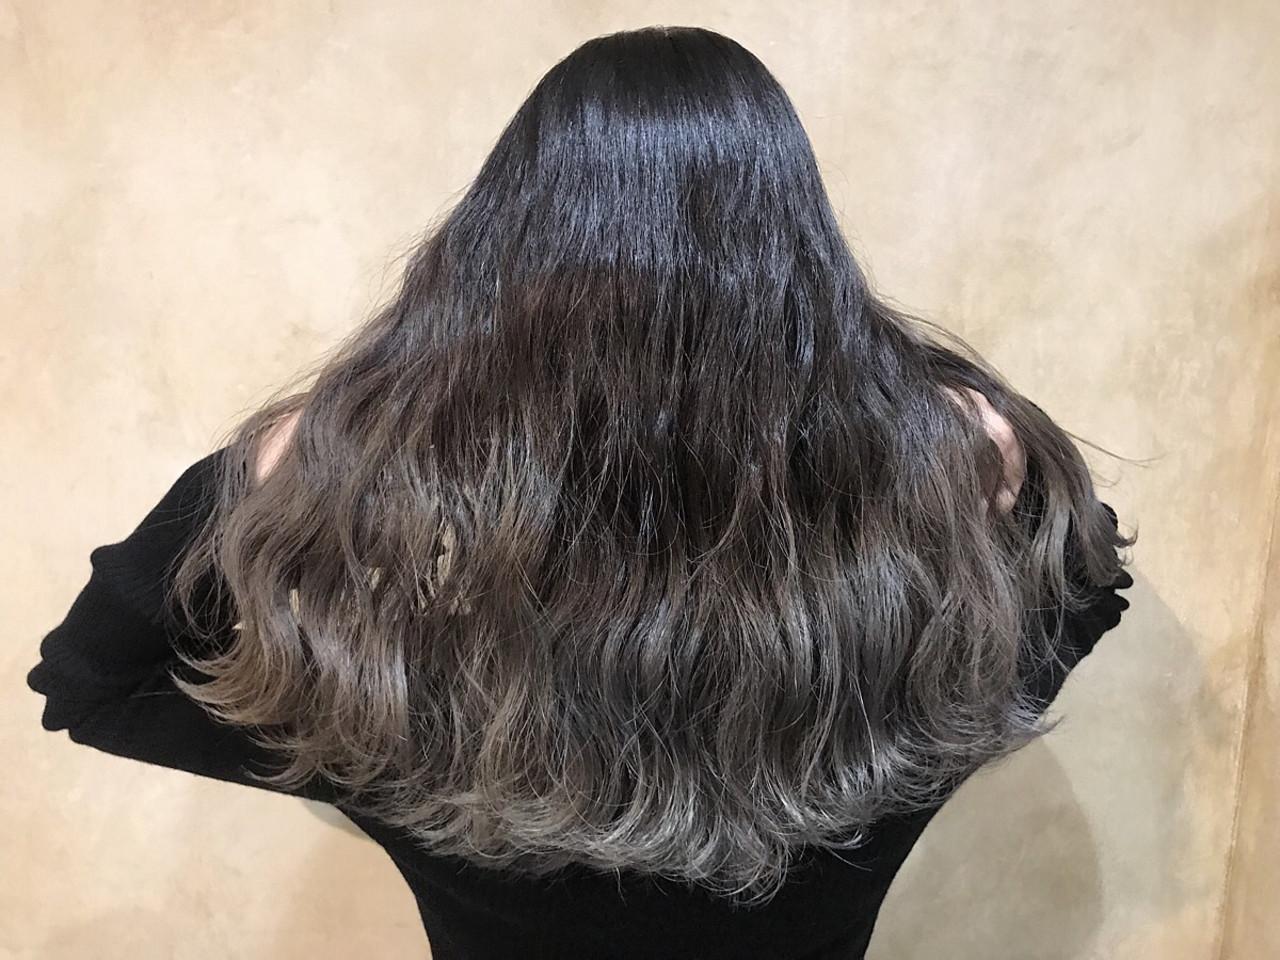 セミロング ヘアアレンジ アンニュイほつれヘア 外国人風カラー ヘアスタイルや髪型の写真・画像